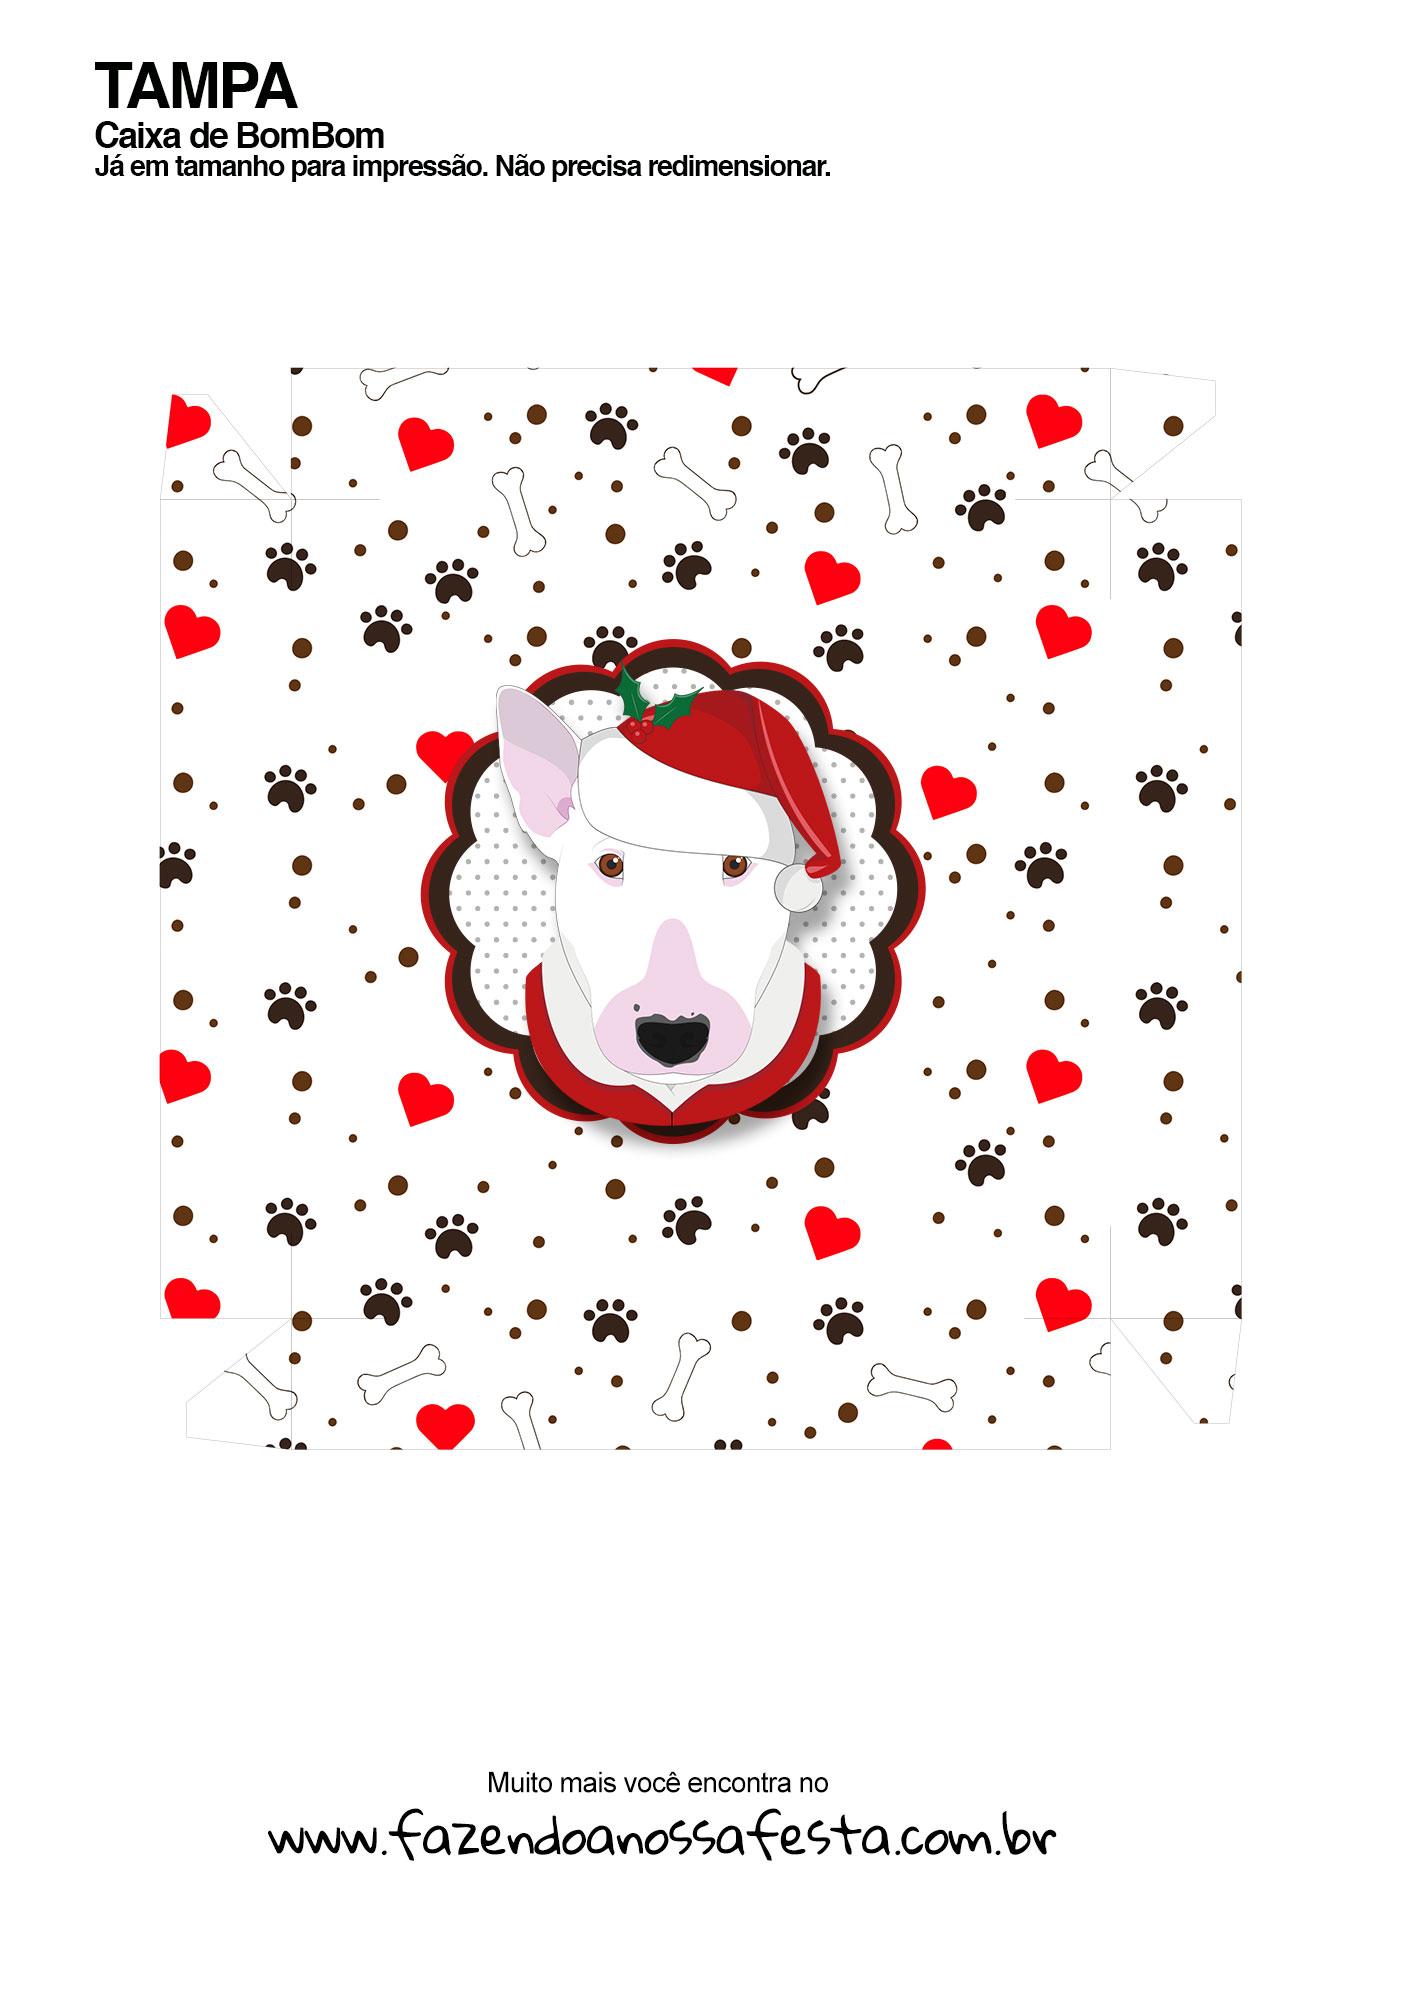 Caixa bombom bull terrier